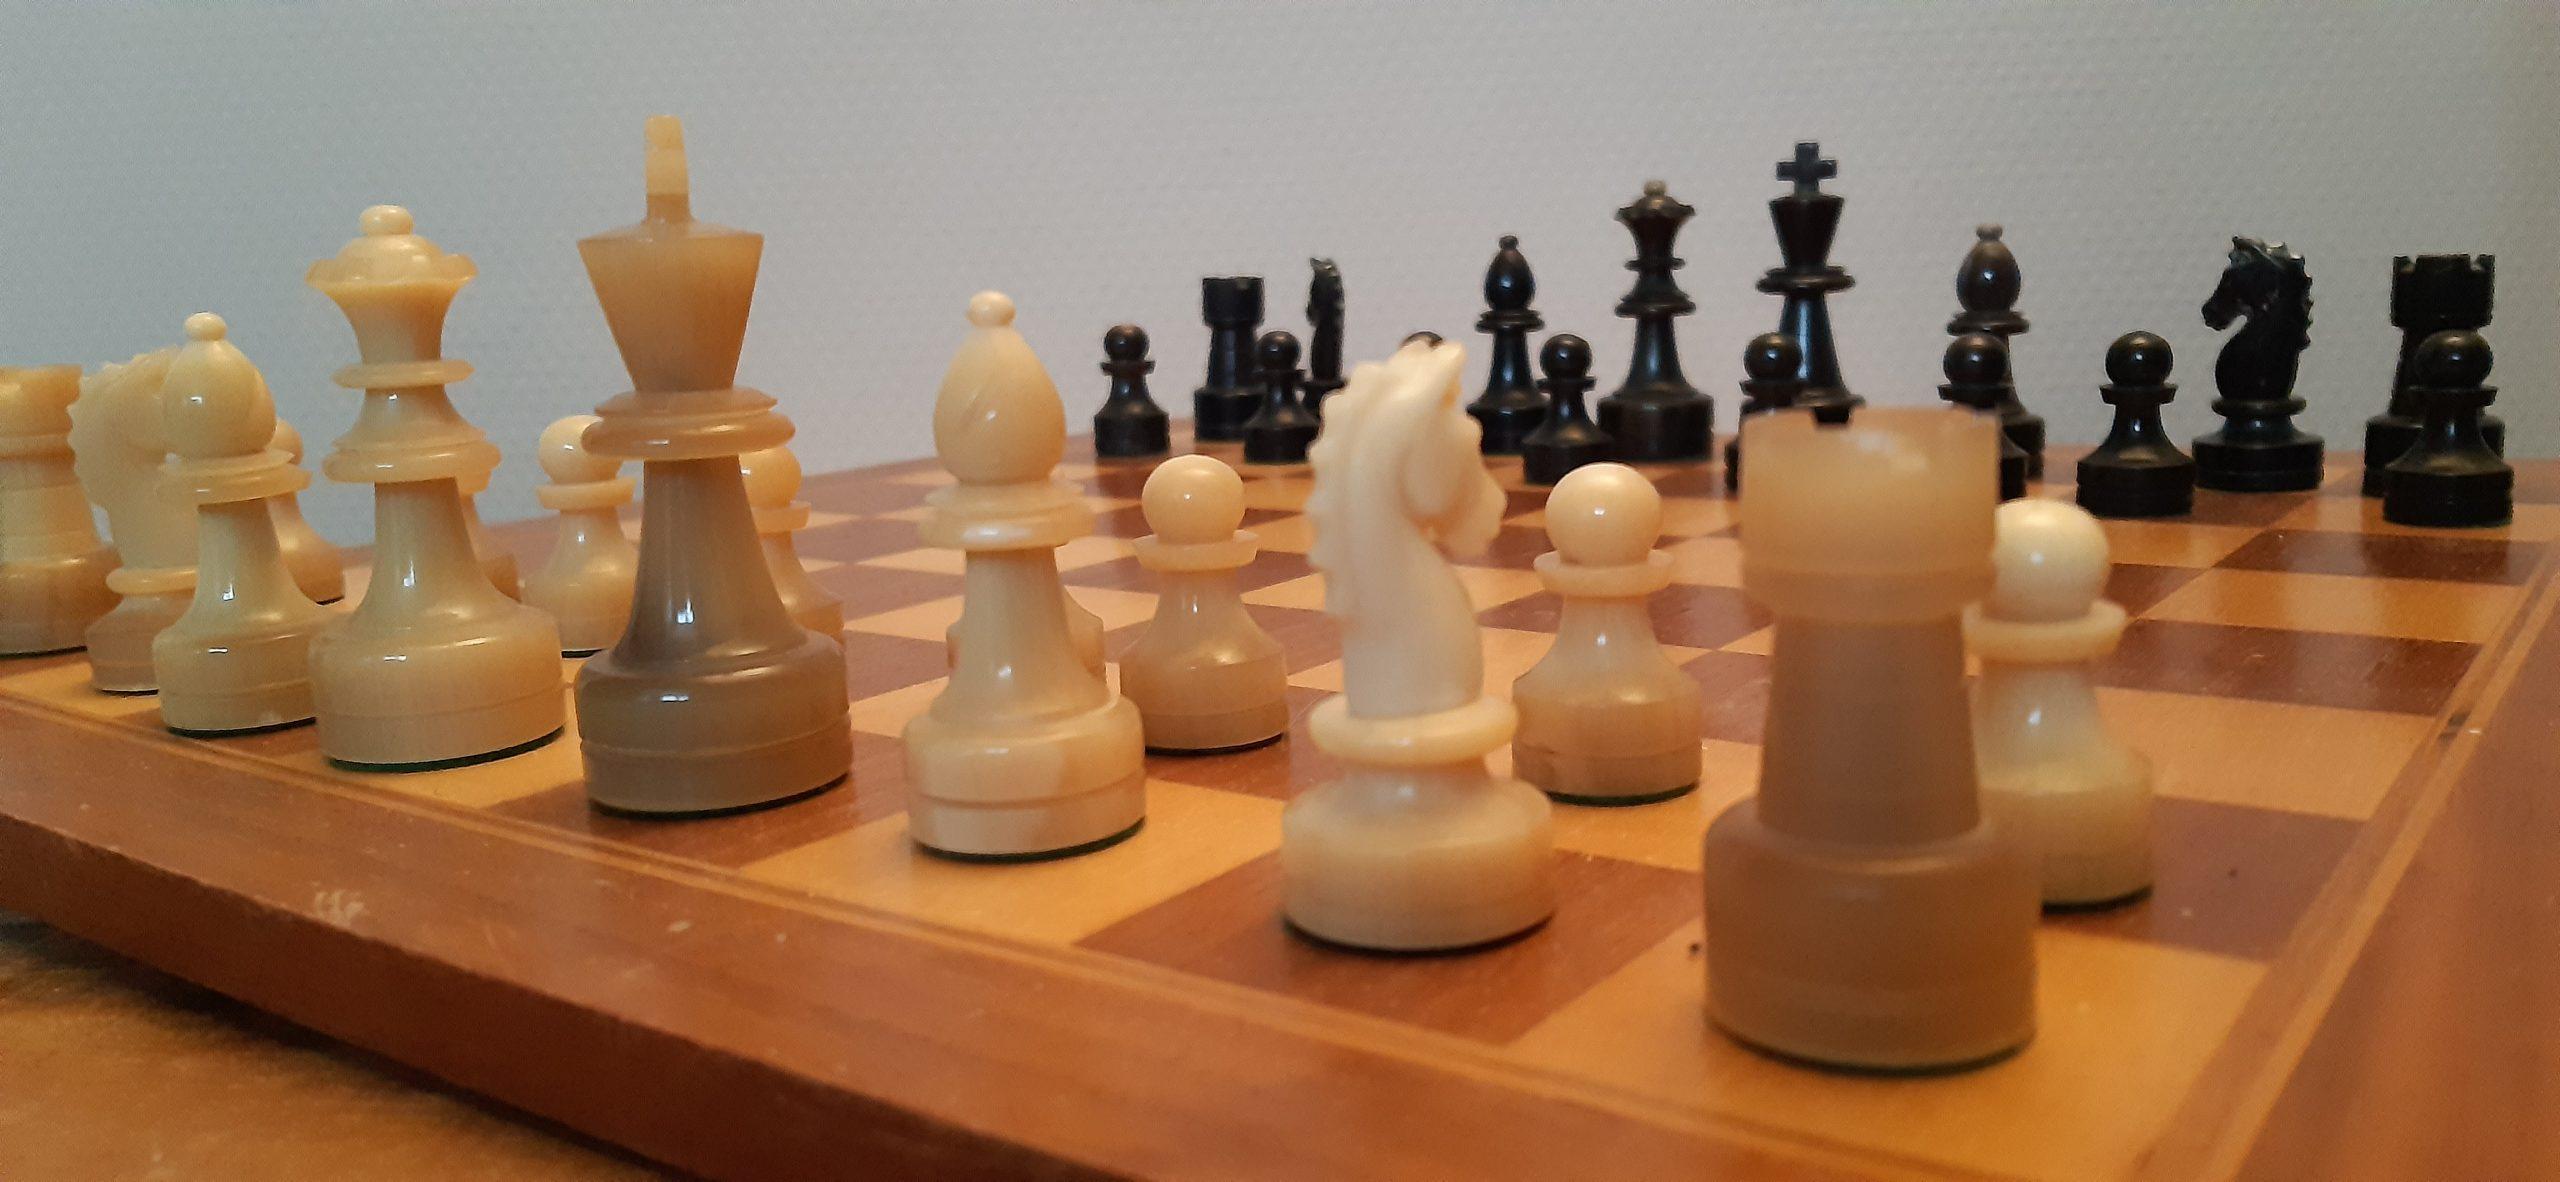 Blog Rinnie: Mijn leven als een schaakspel